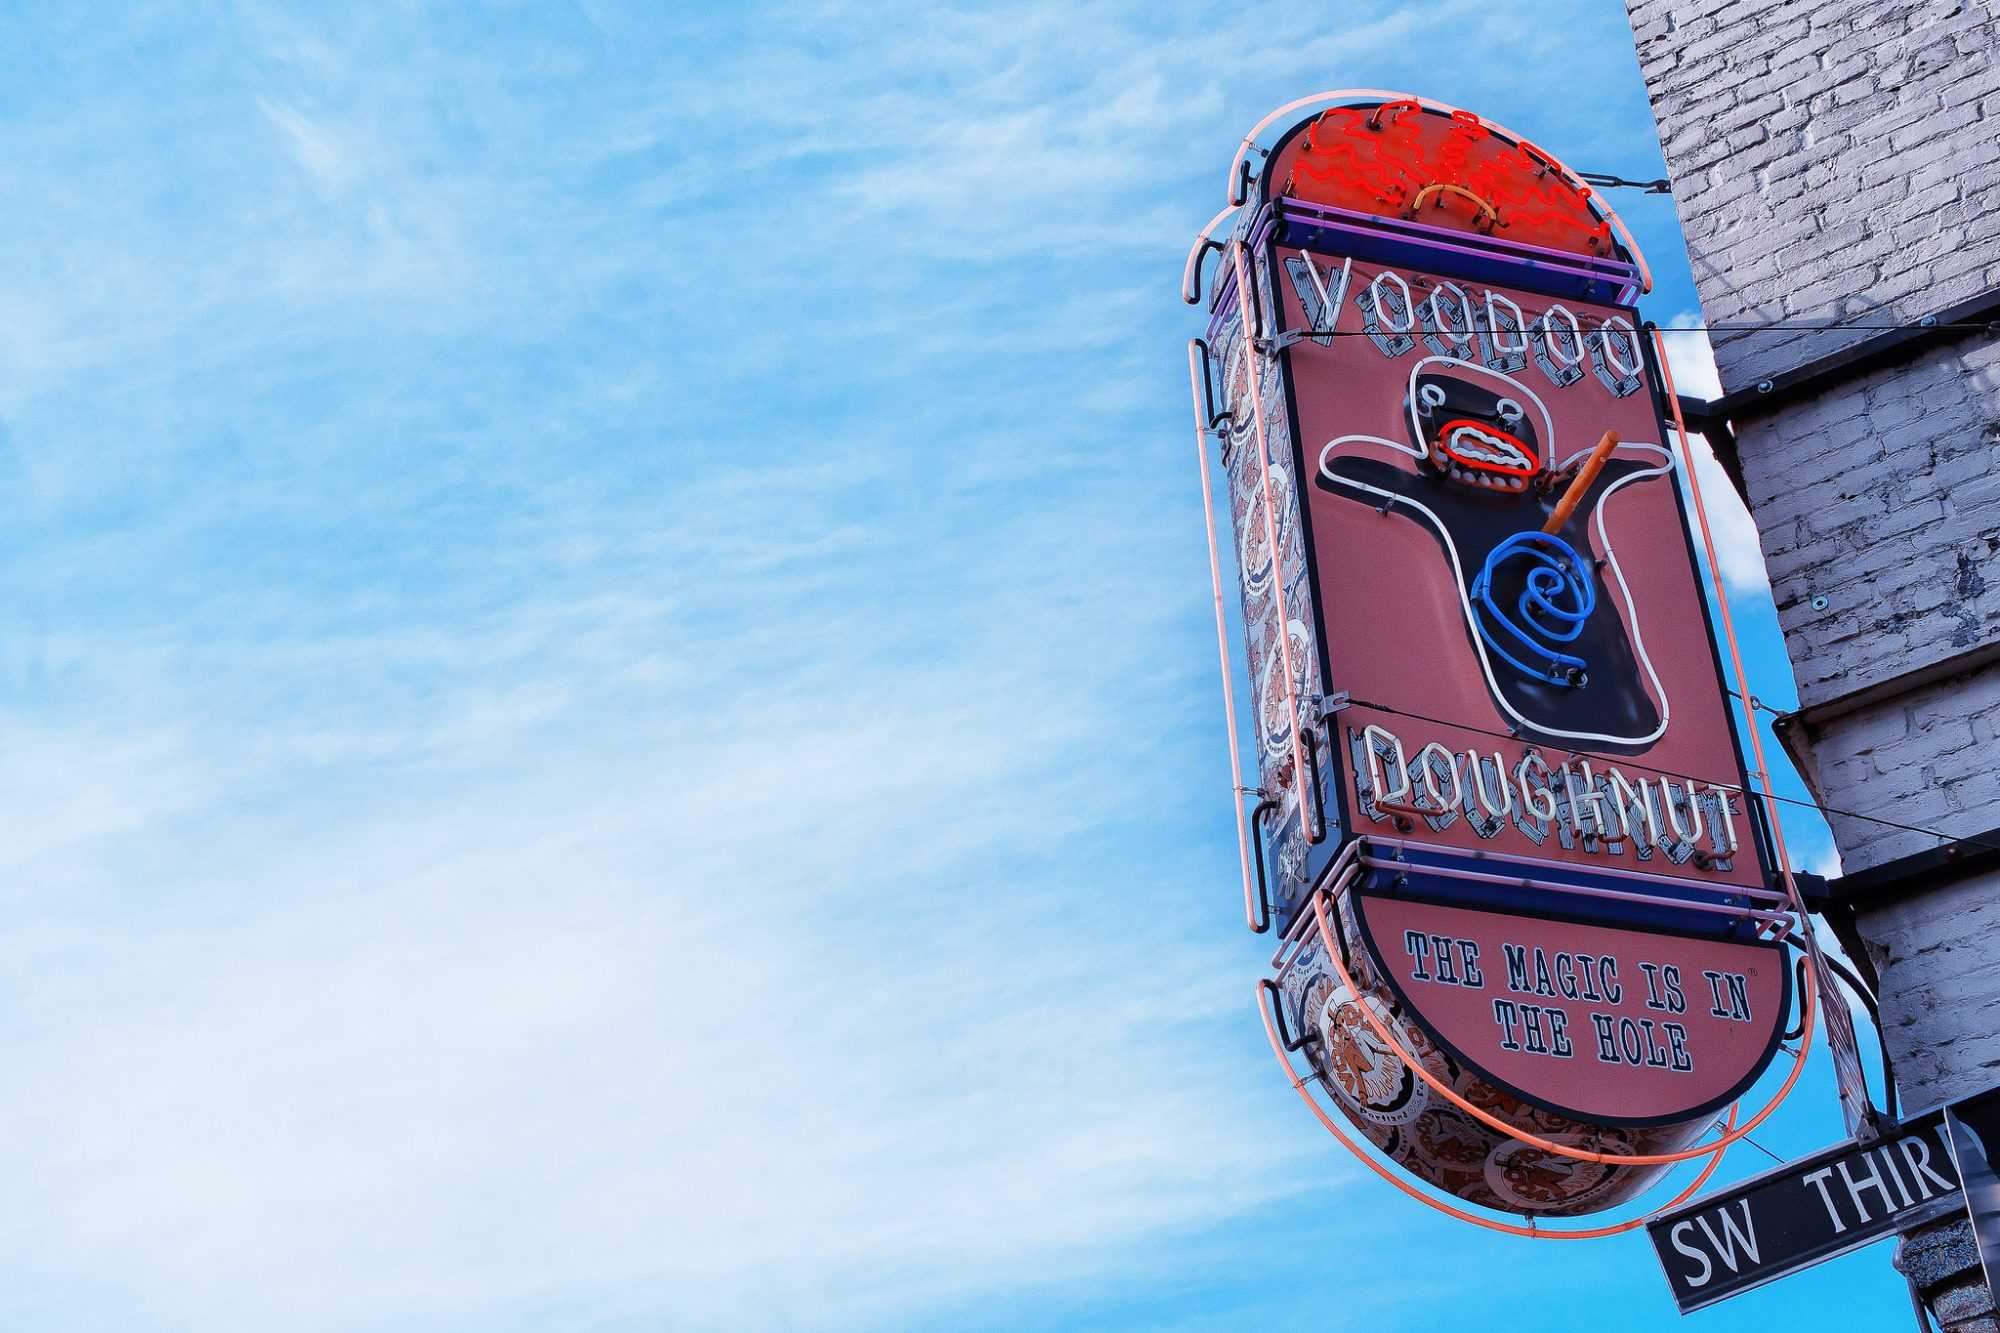 EC: The Doughnut Shop That Runs a Record Label